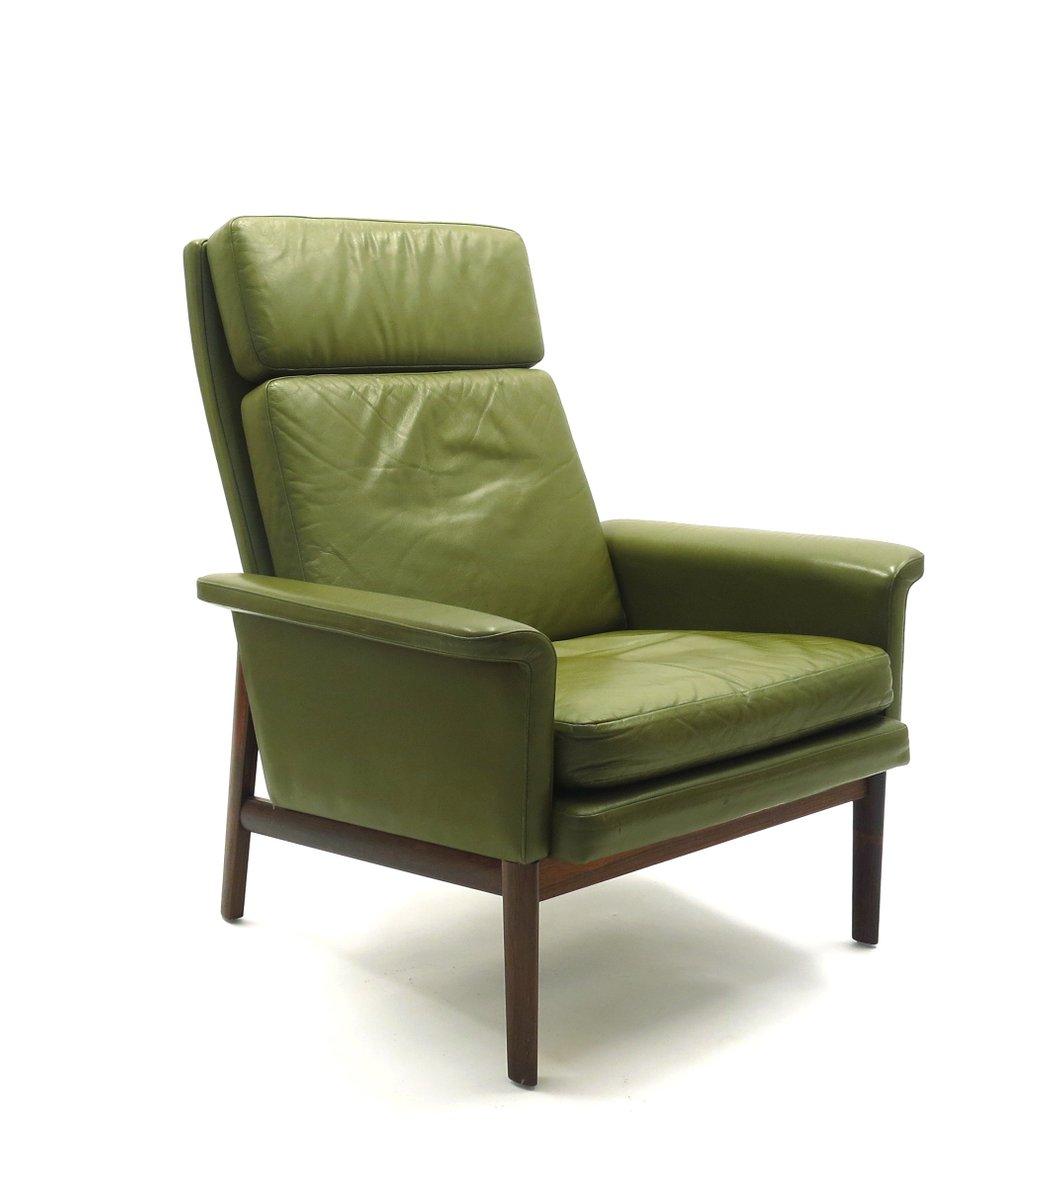 Jupiter Easy Chair By Finn Juhl For France U0026 Søn, 1960s